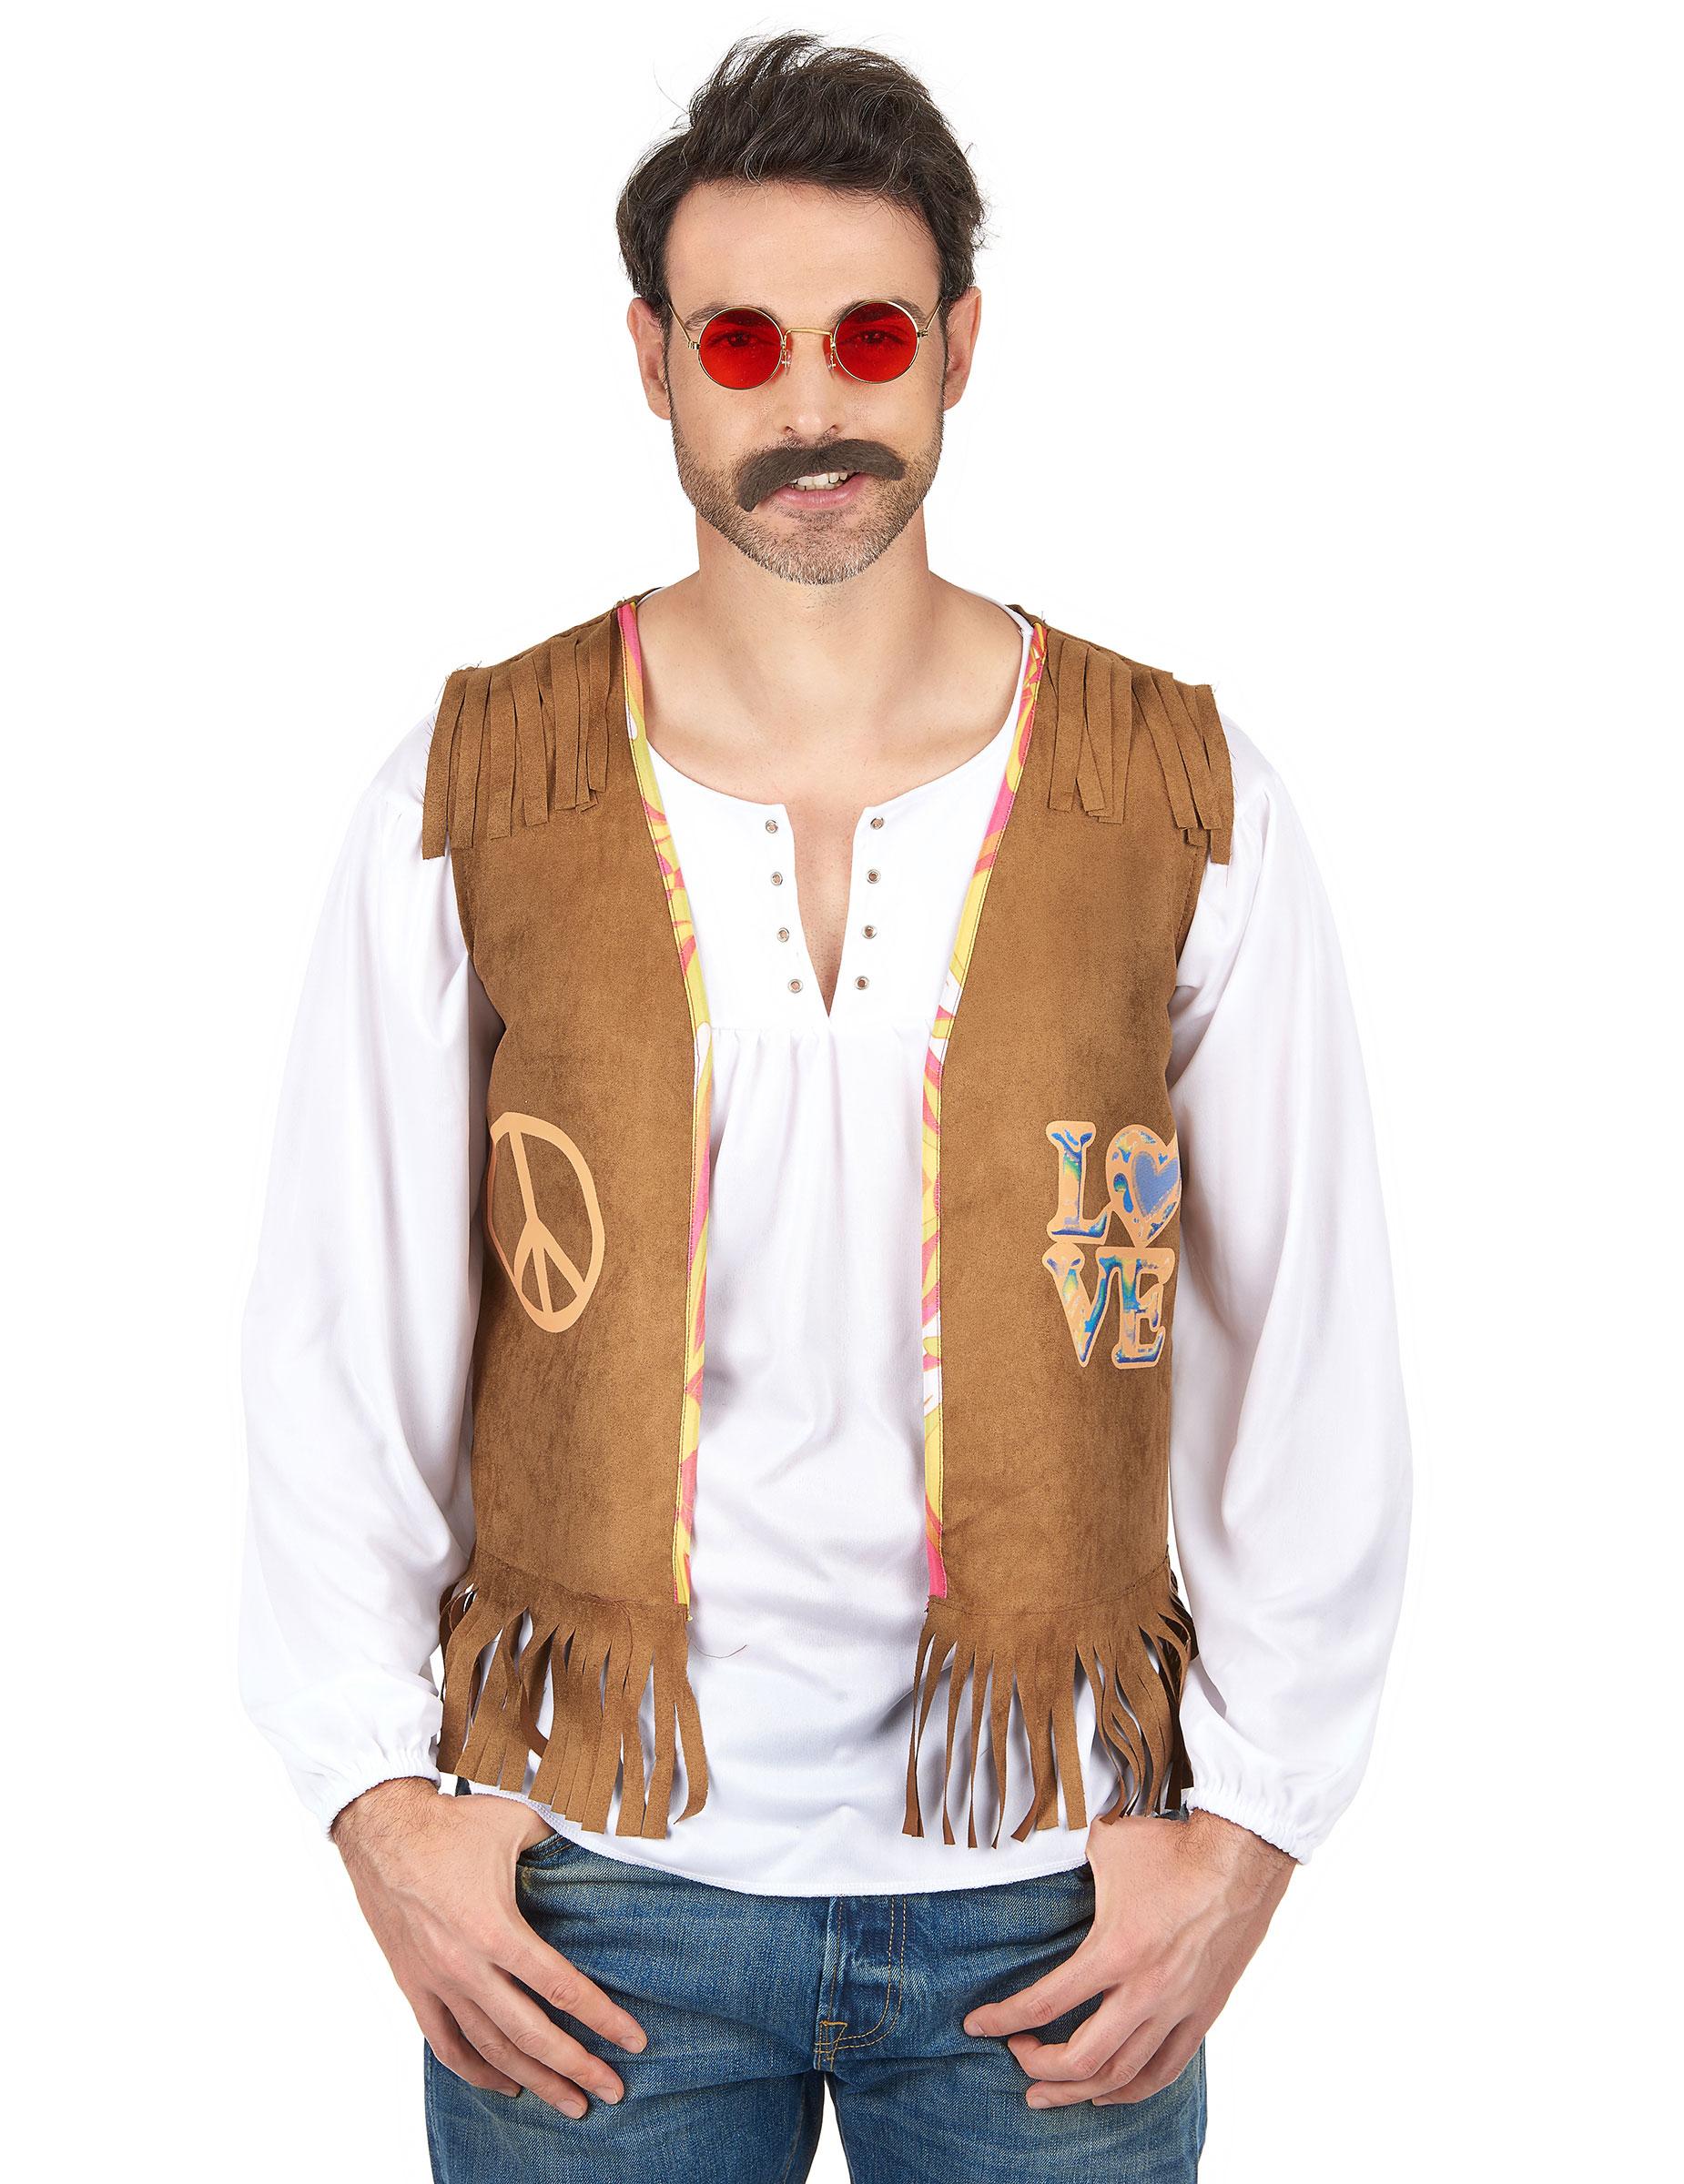 Hippie Kostume Bei Vegaoo Die Grosste Auswahl An 60er Jahre Outfits